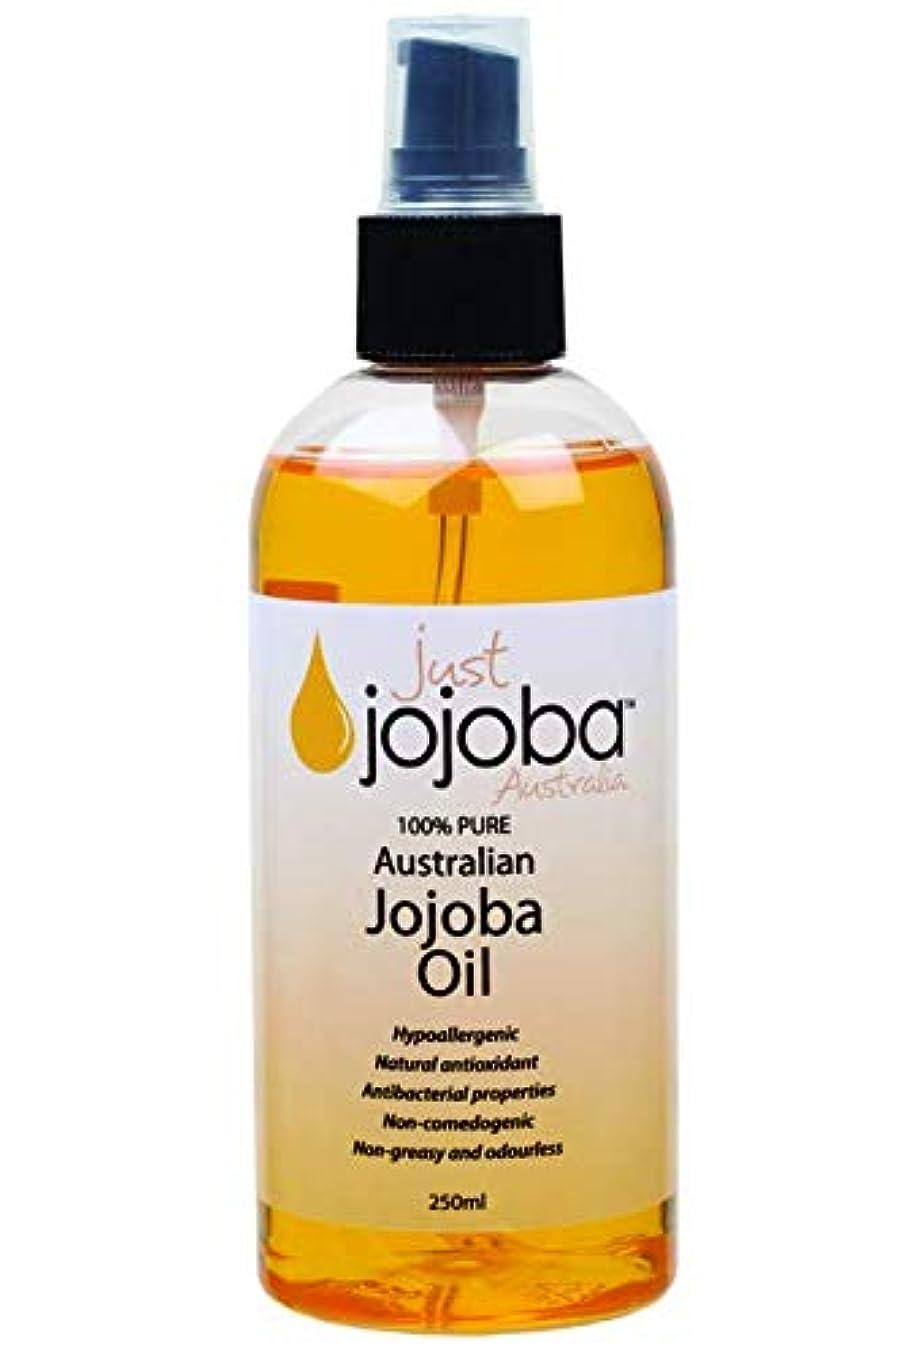 マネージャーオフェンス樹木[Just Jojoba Australia]ジャストホホバ 100% ピュア ゴールデンホホバオイル 250ml(海外直送品)